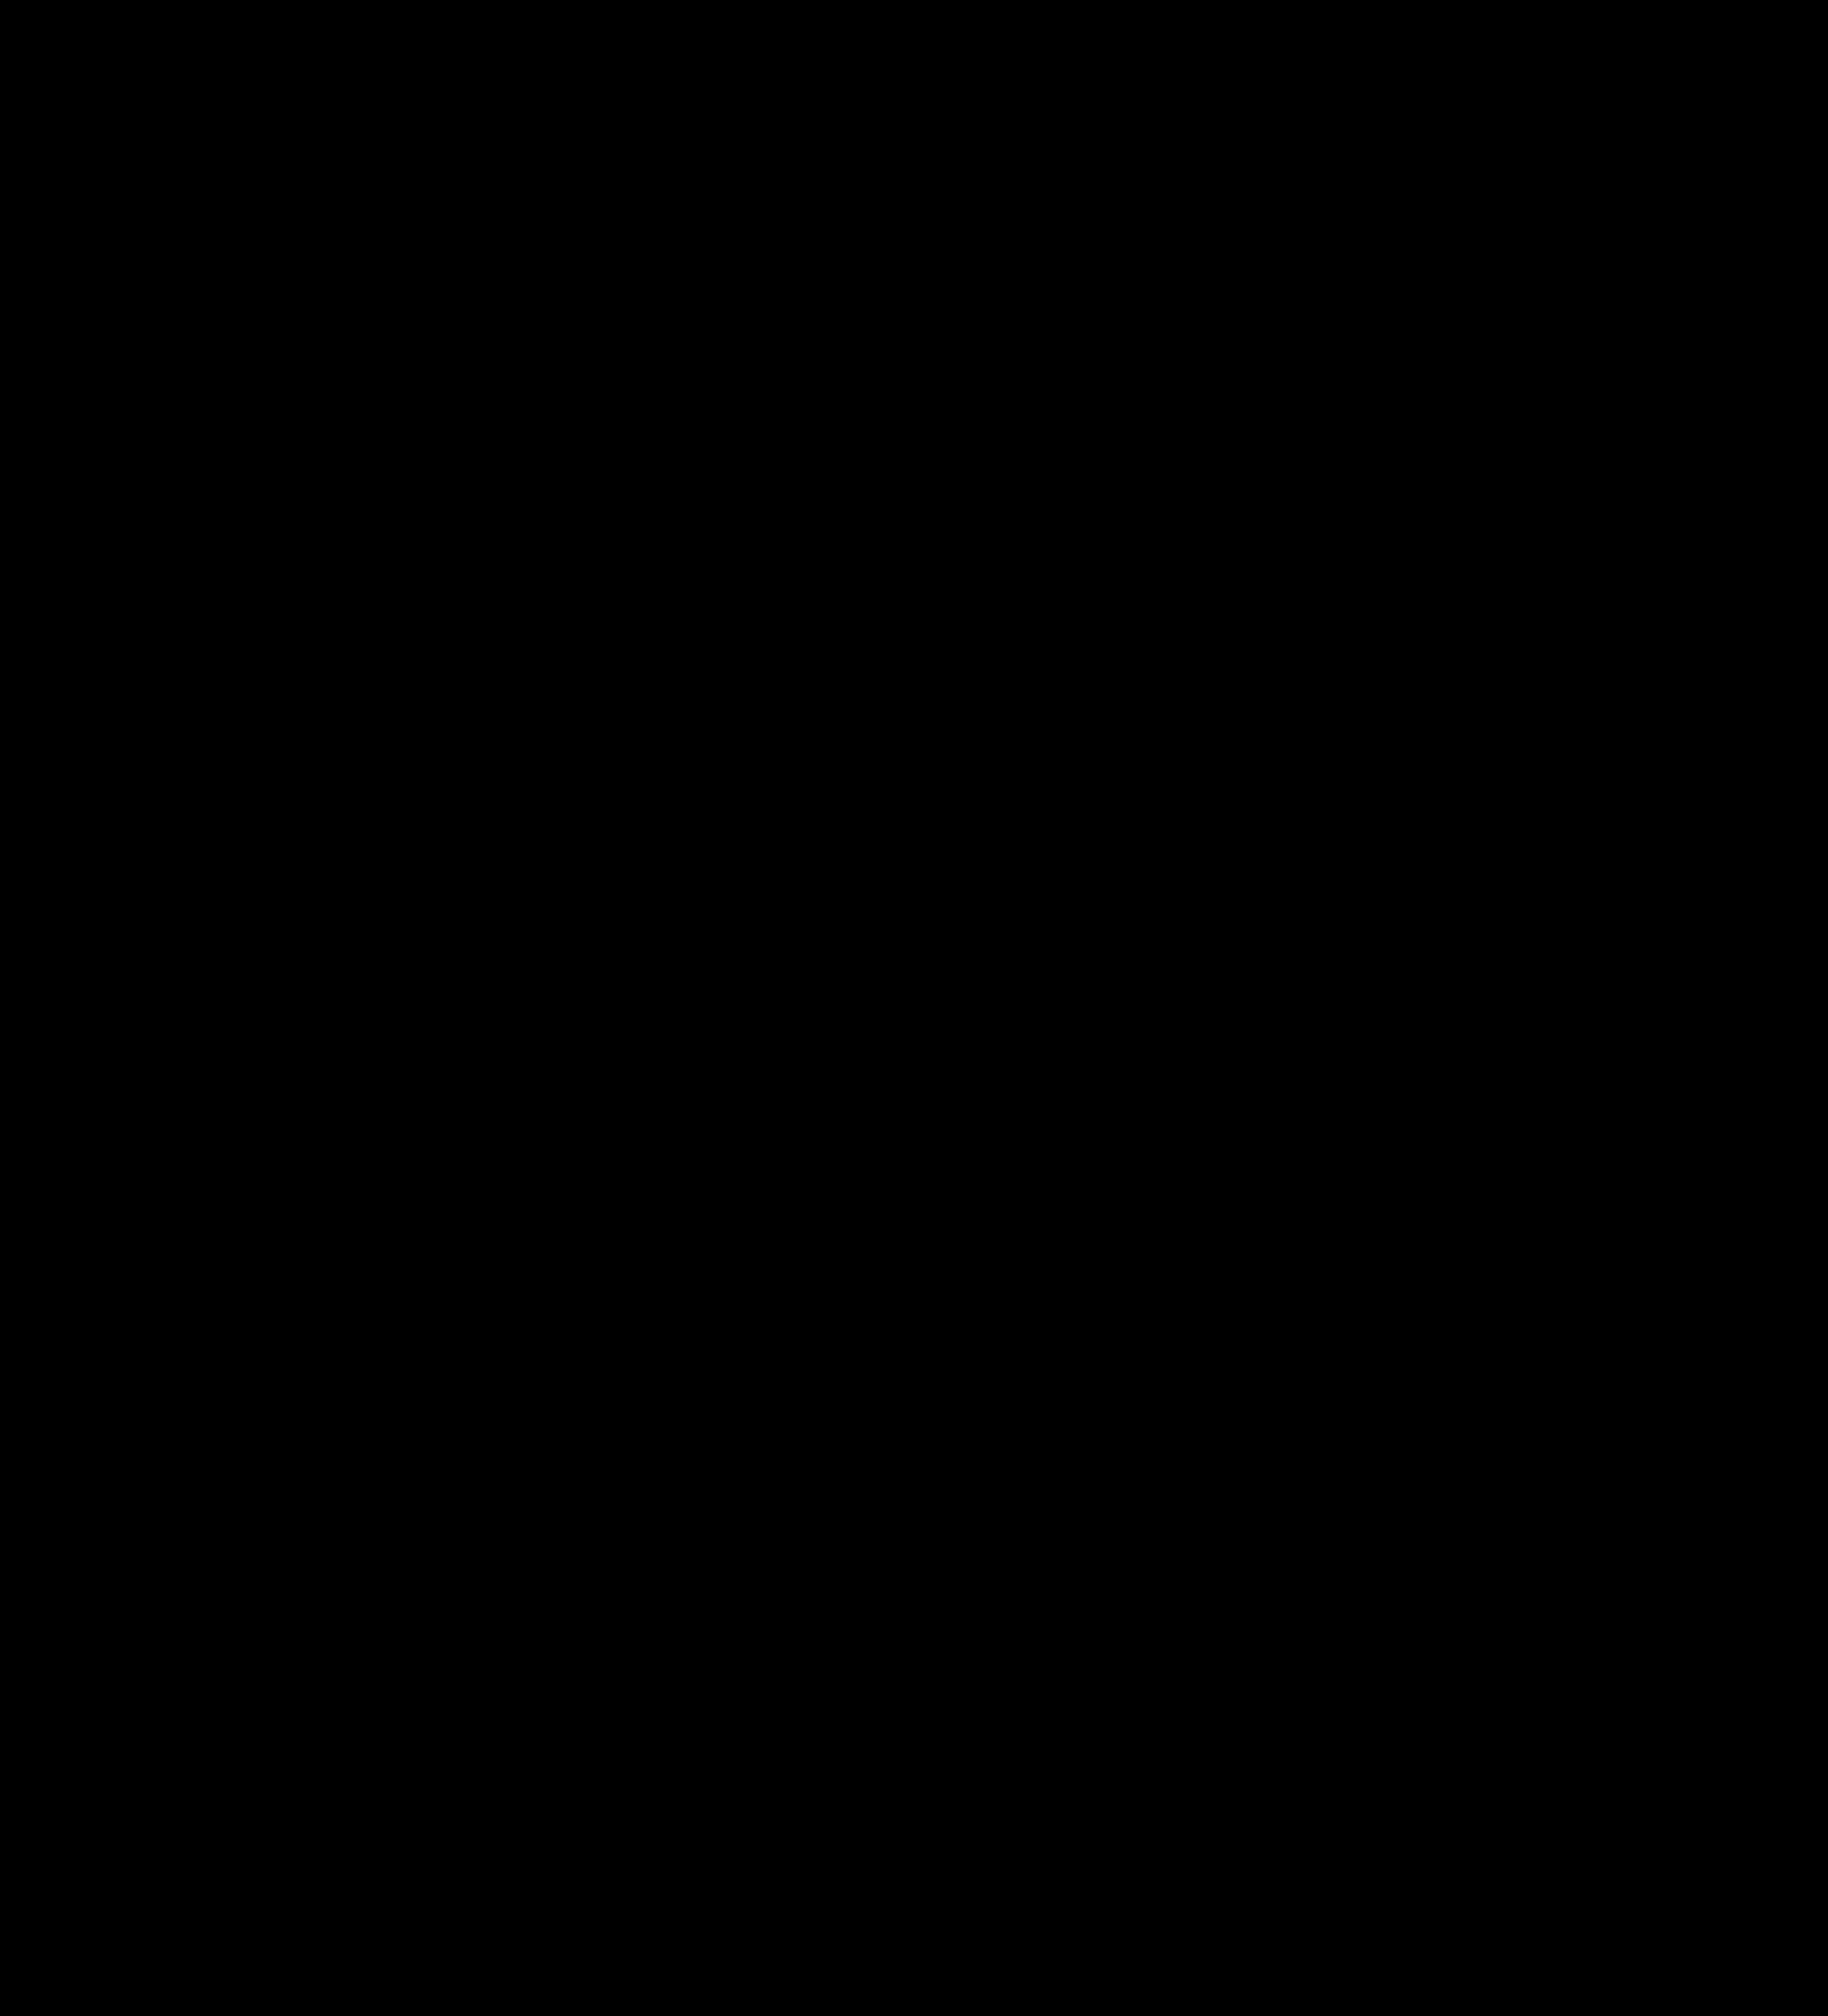 2056x2268 Clip Art Male Silhouette Clip Art